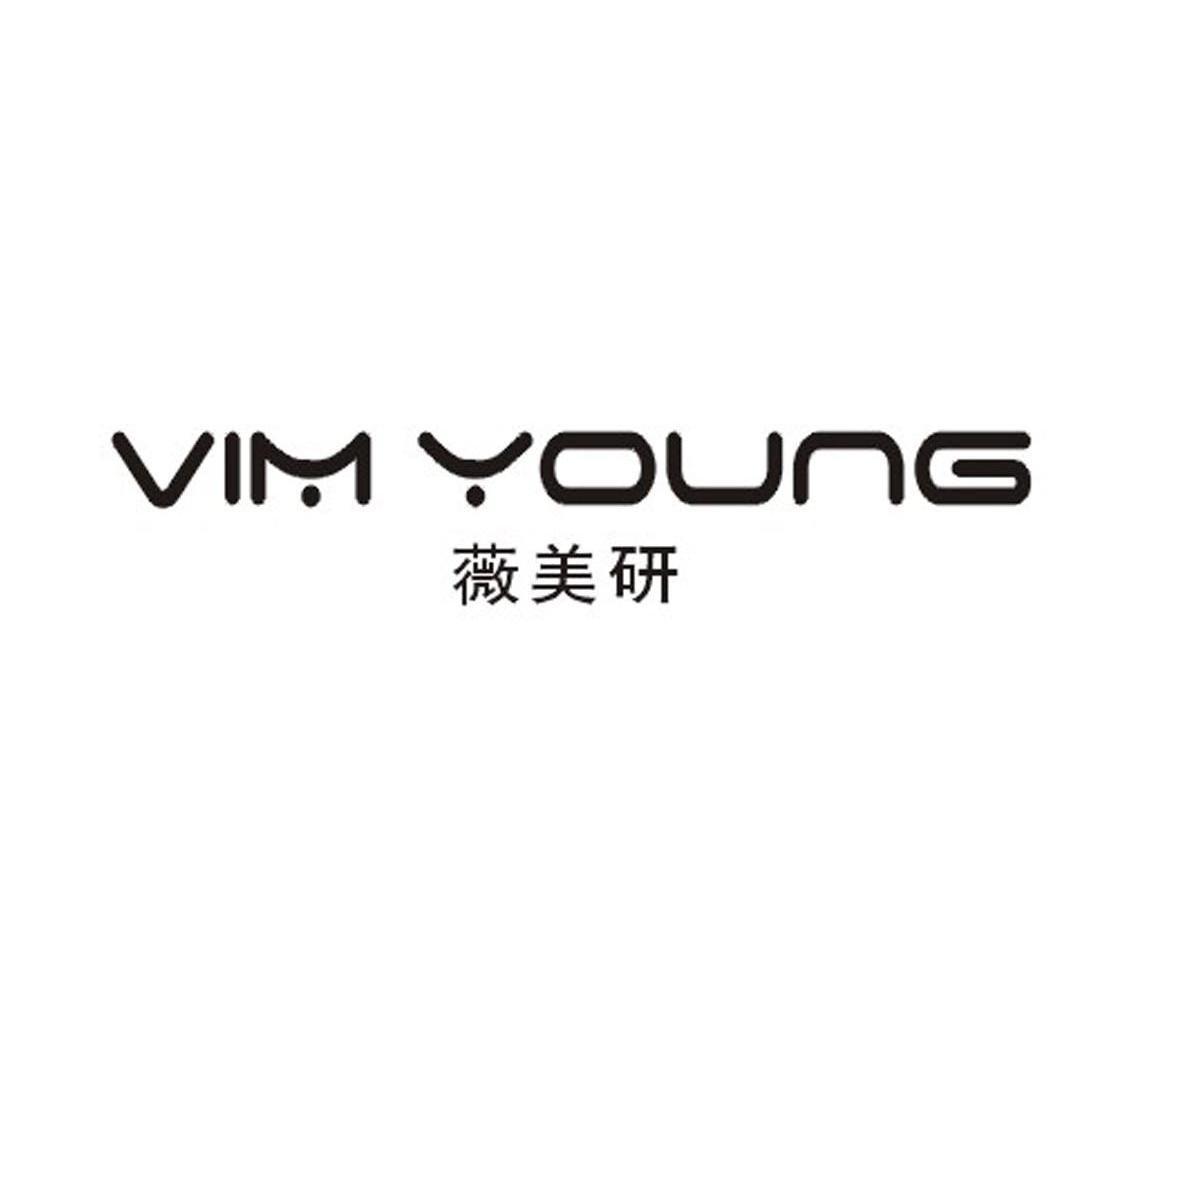 薇美研 VIM YOUNG